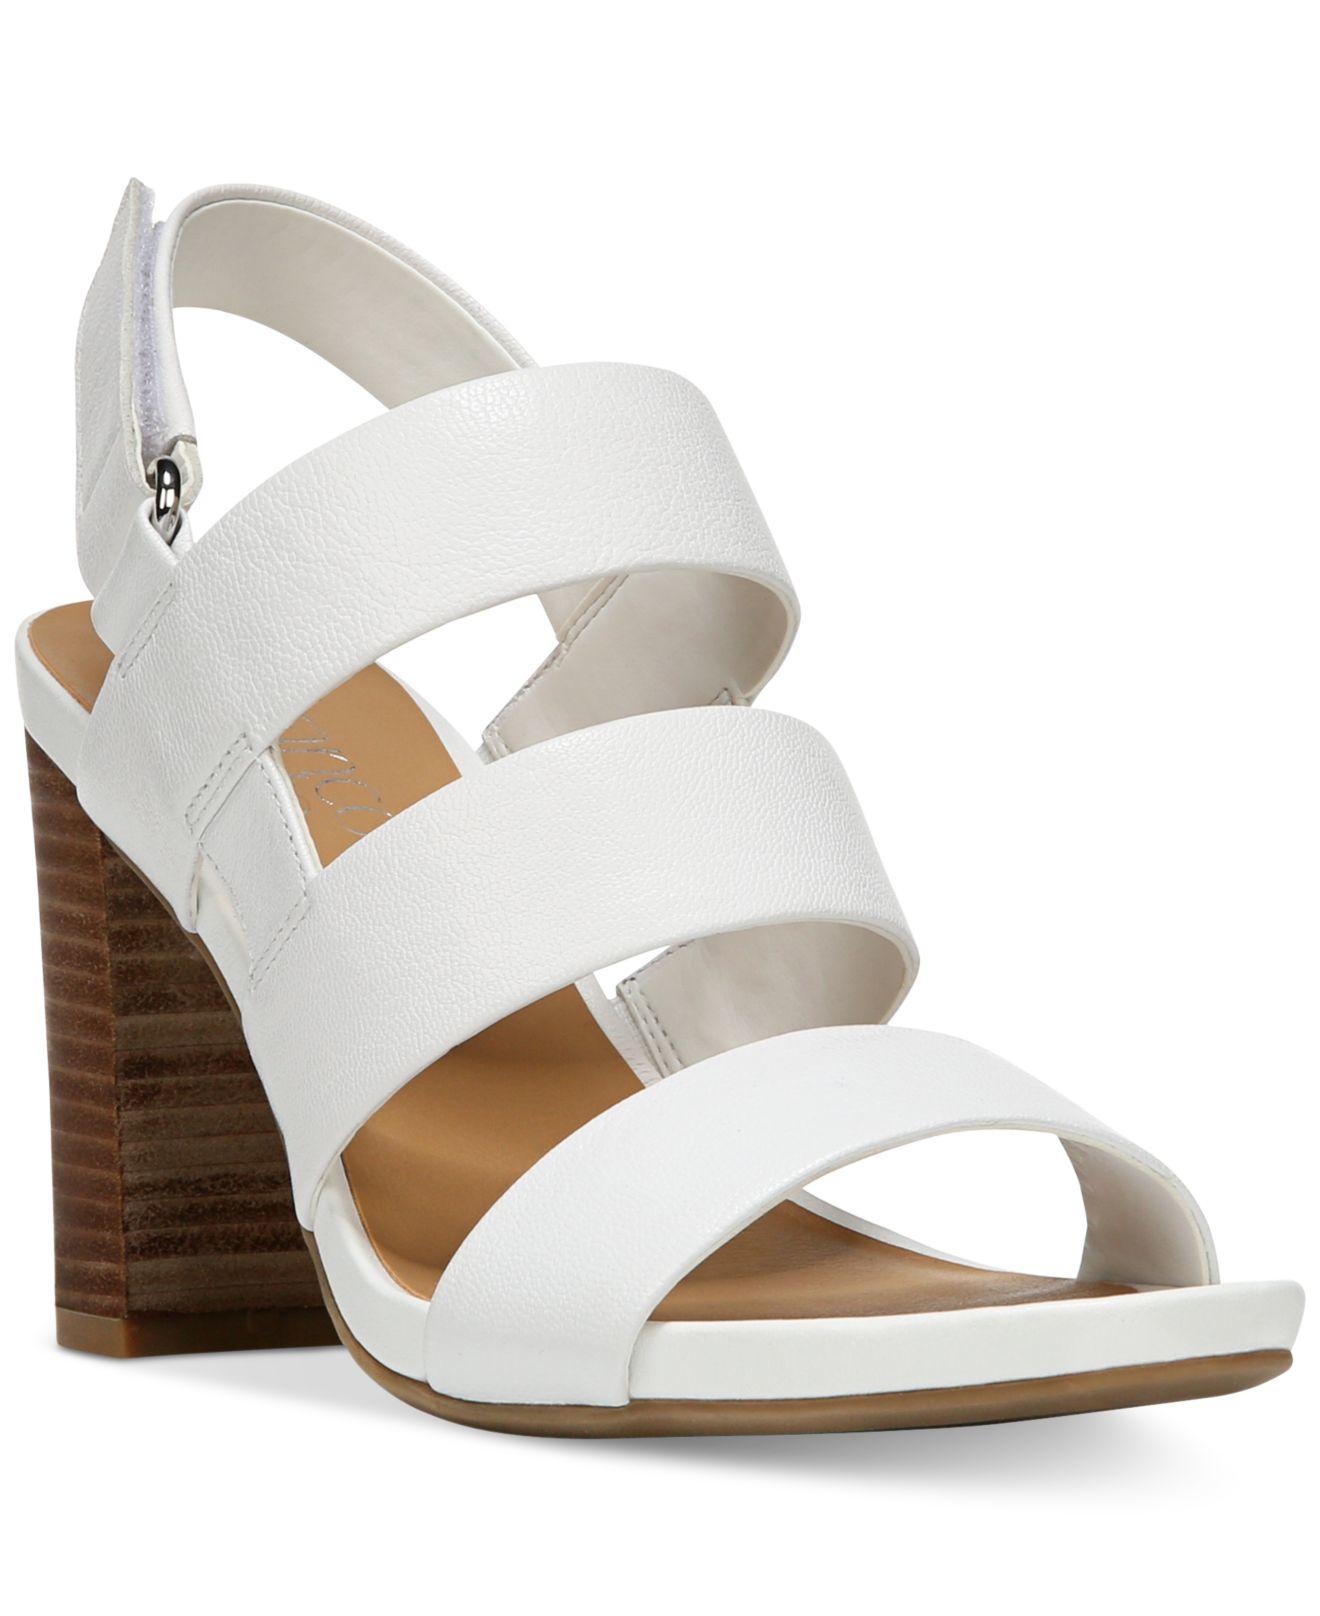 Franco Sarto Leather Jena Sandals in